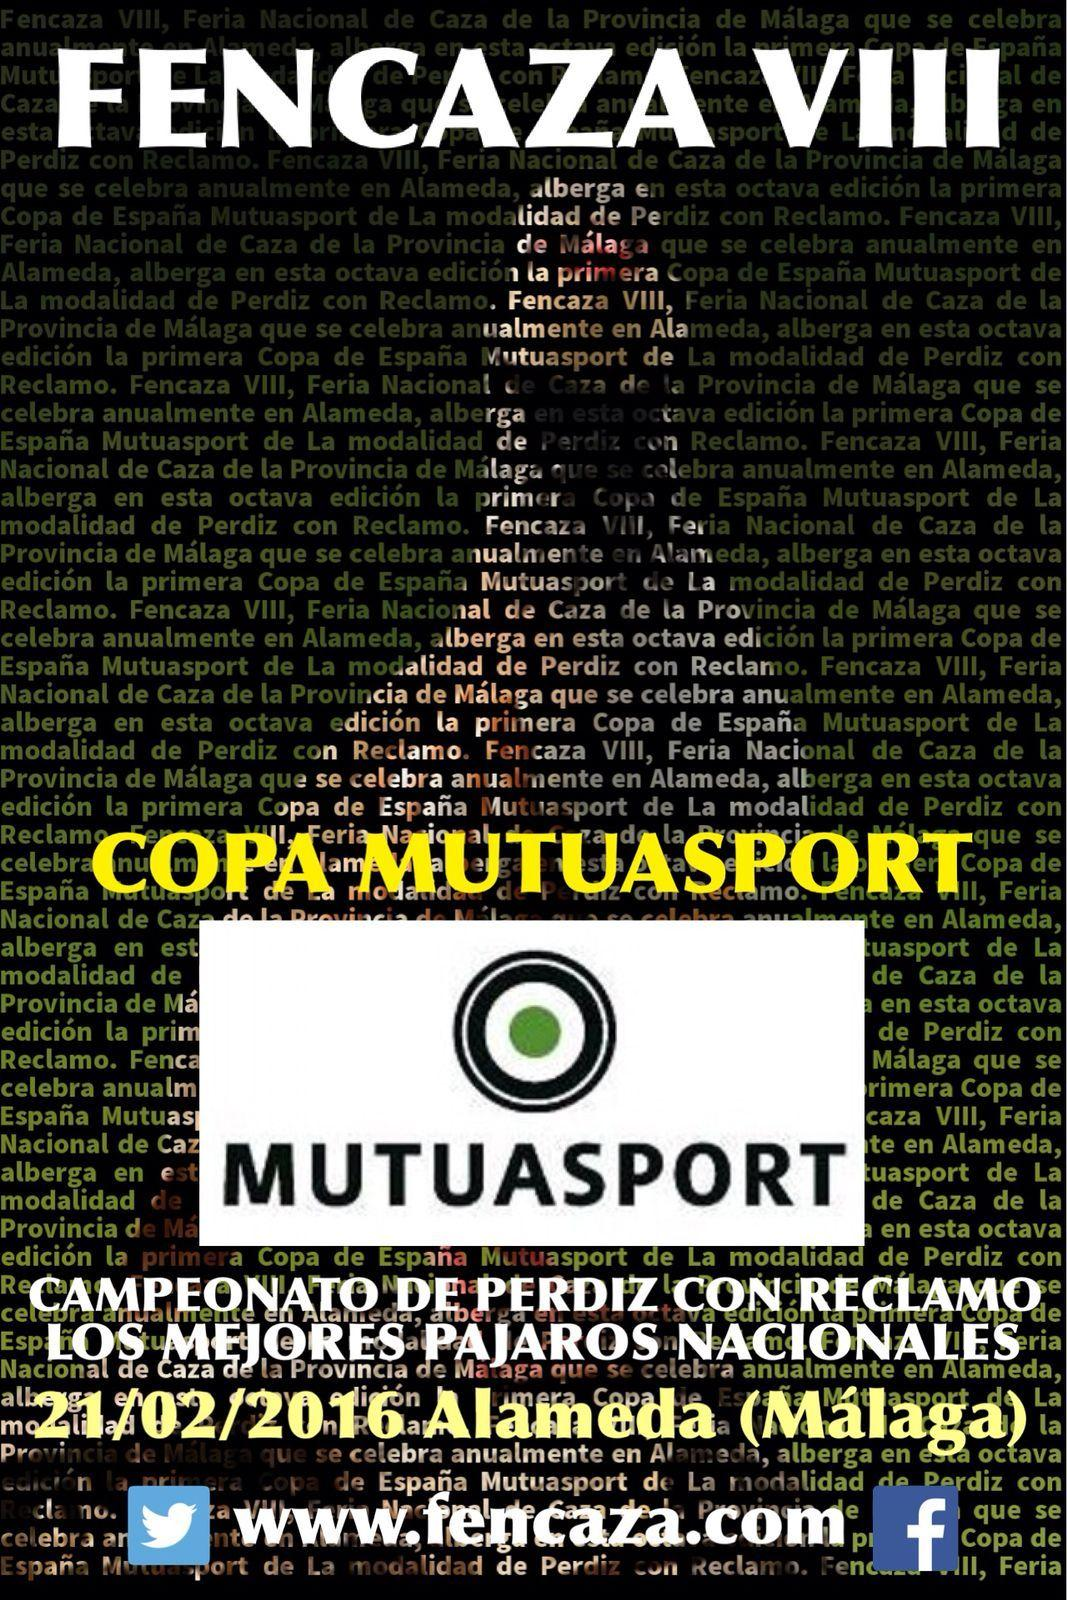 La FAC y Mutuasport  organizan el Campeonato de Perdiz con reclamo